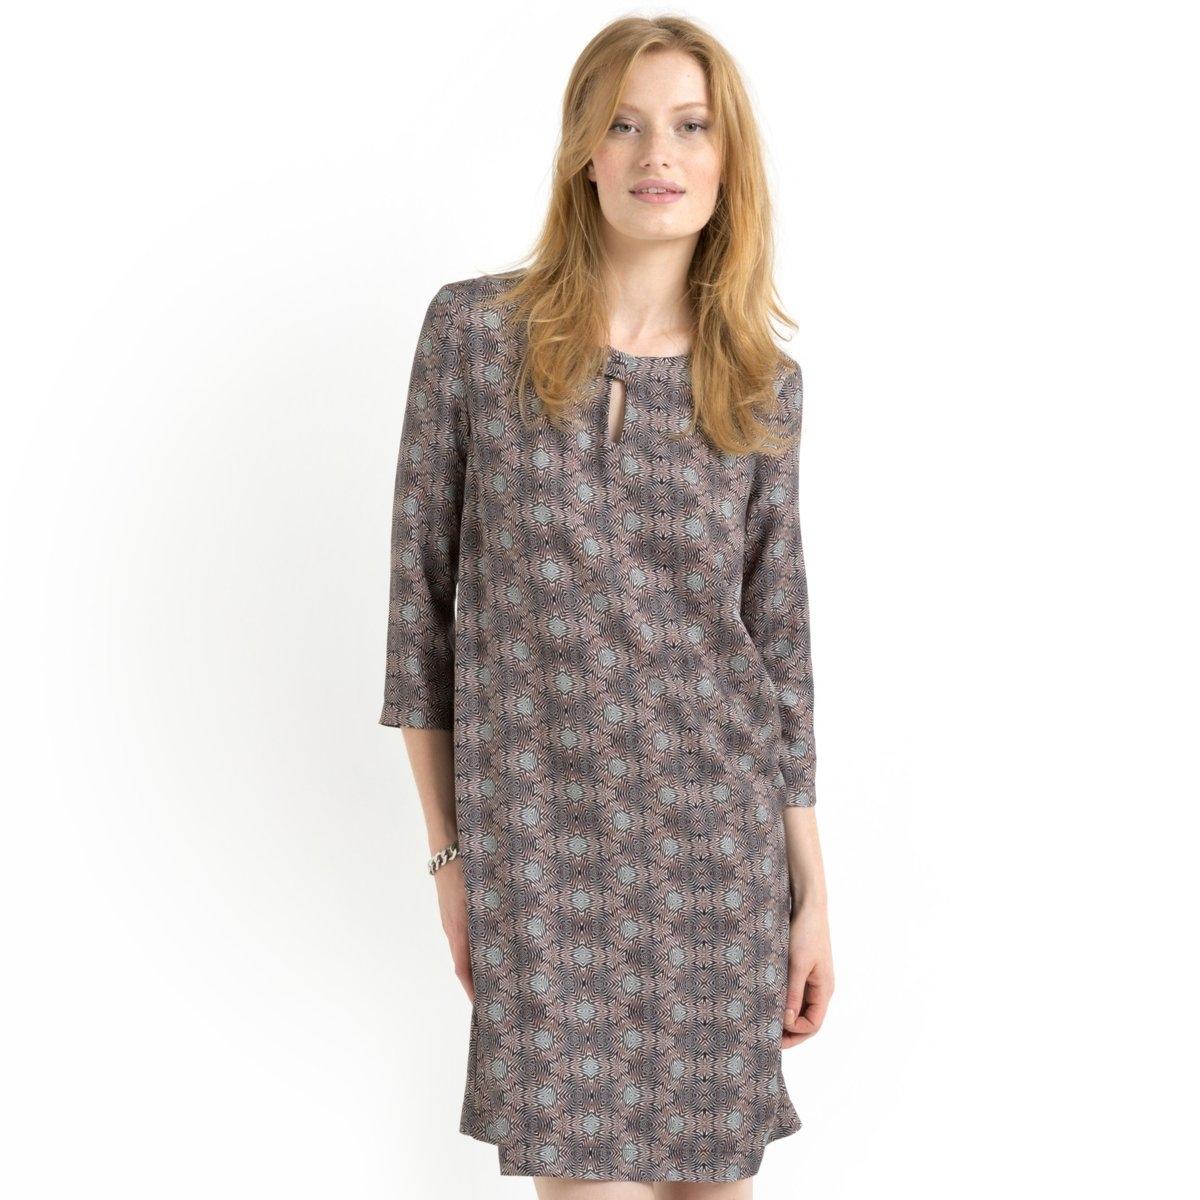 Платье прямое с рисункомПлатье из 100% вискозы. Круглый вырез с застежкой на металлическую пуговицу. Рукава 3/4. Длина 90 см.<br><br>Цвет: набивной рисунок<br>Размер: 36 (FR) - 42 (RUS)